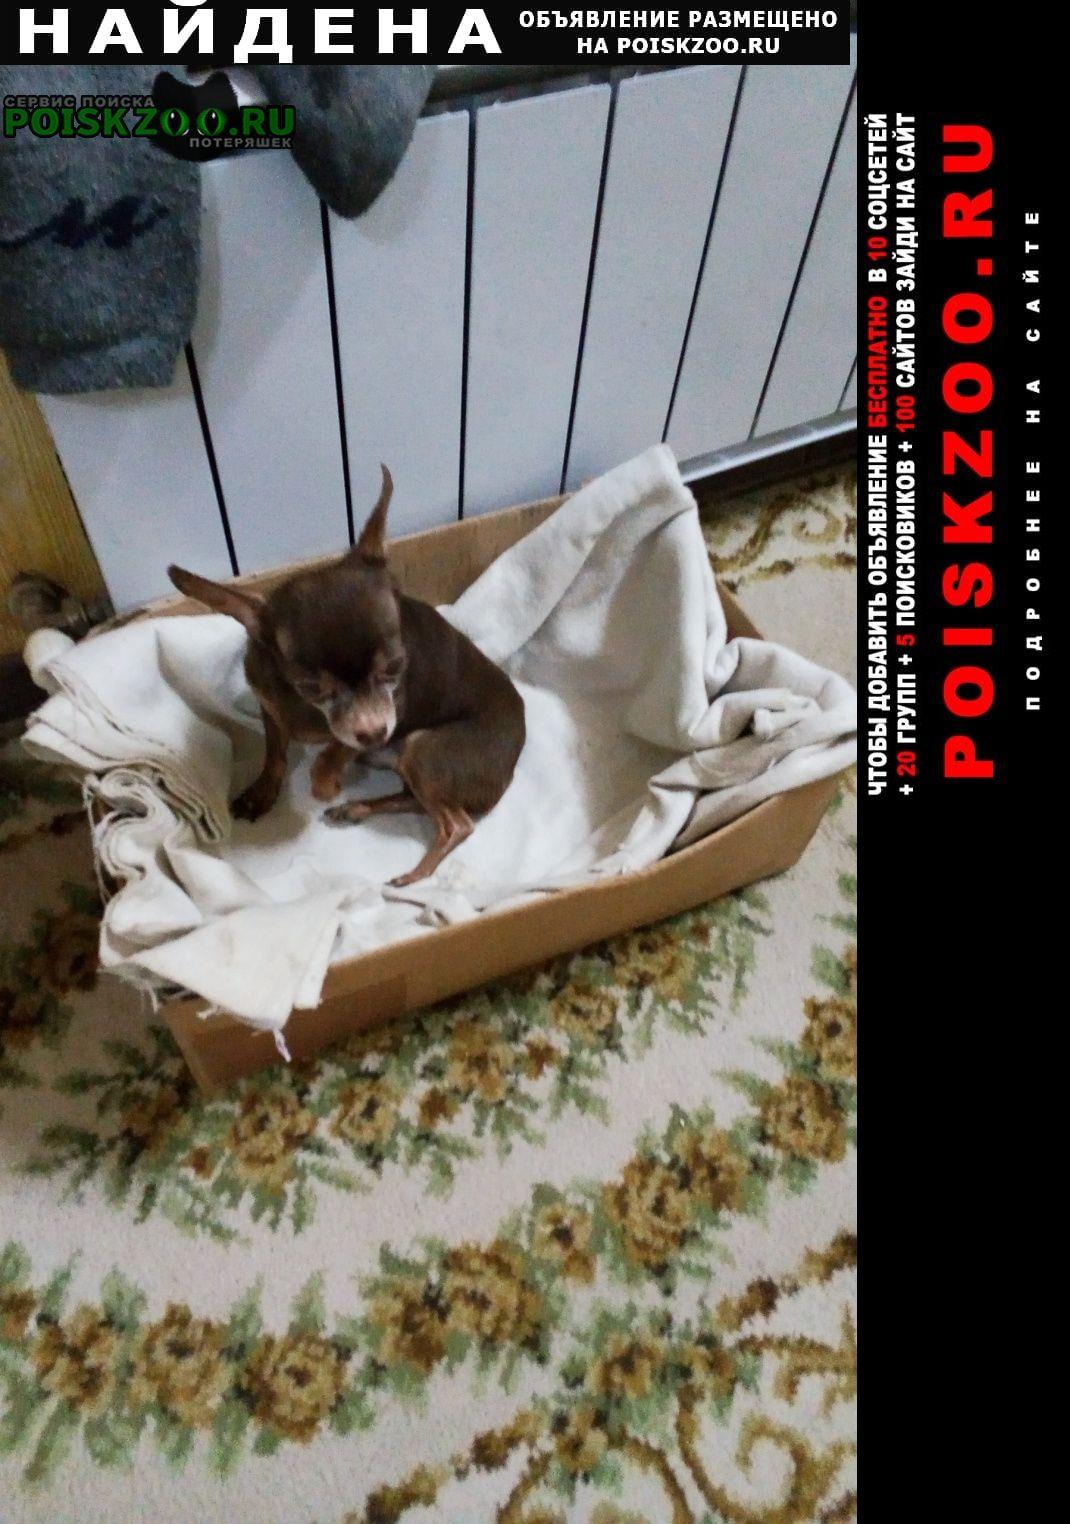 Найдена собака тойчик Краснодар